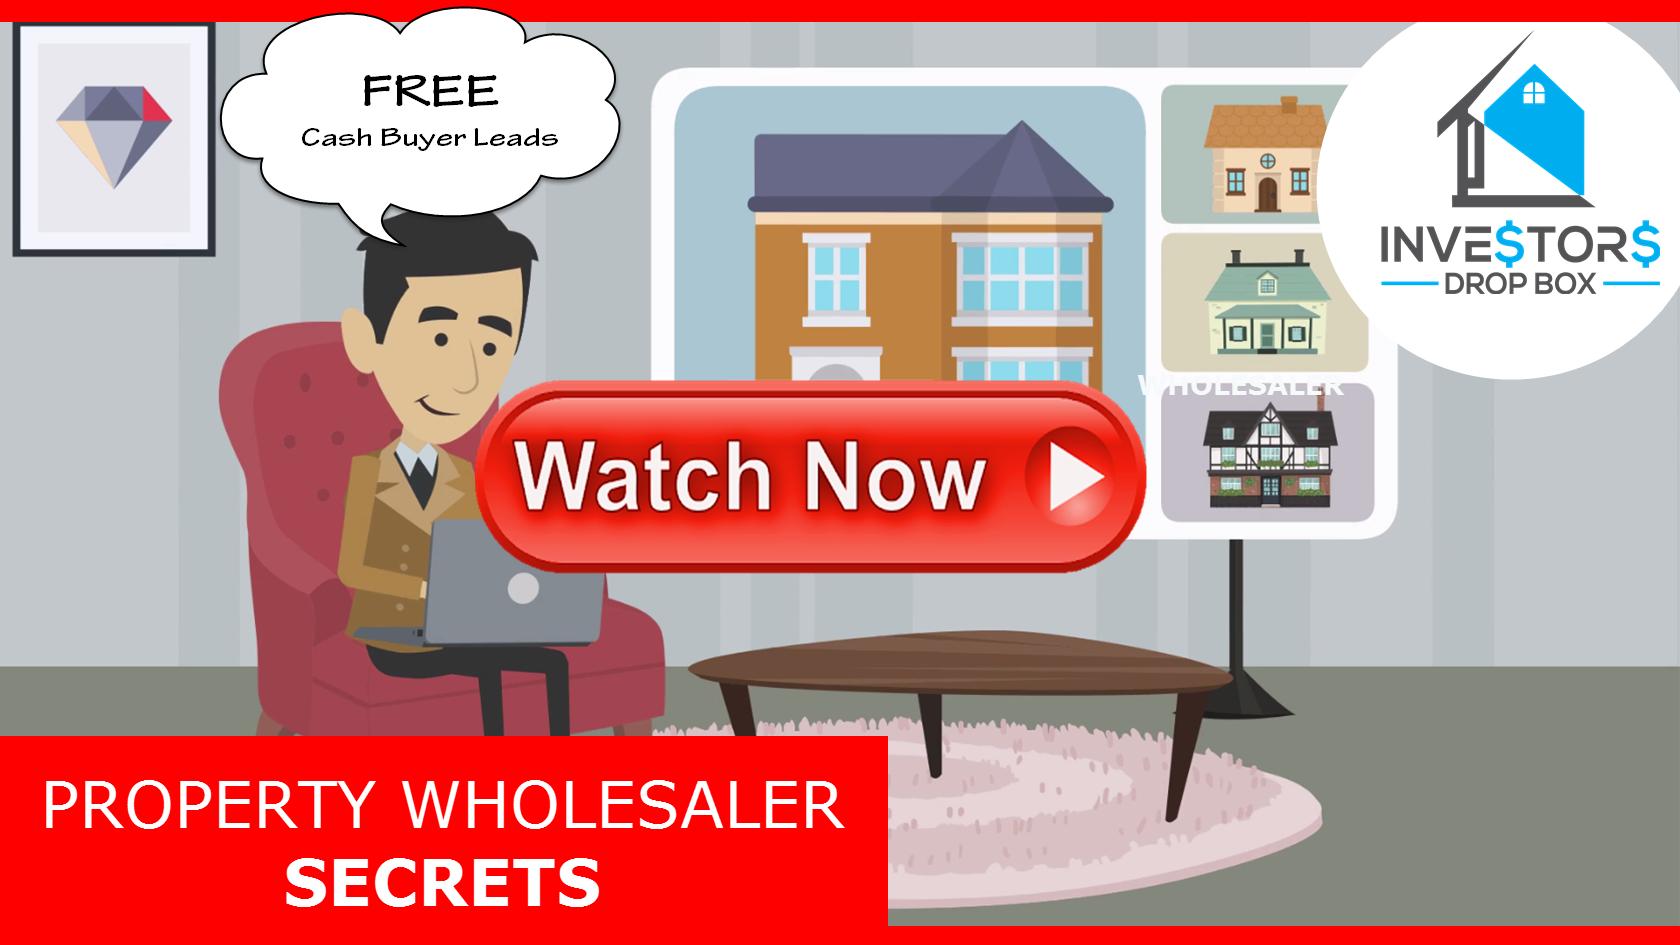 I am a Property Wholesaler